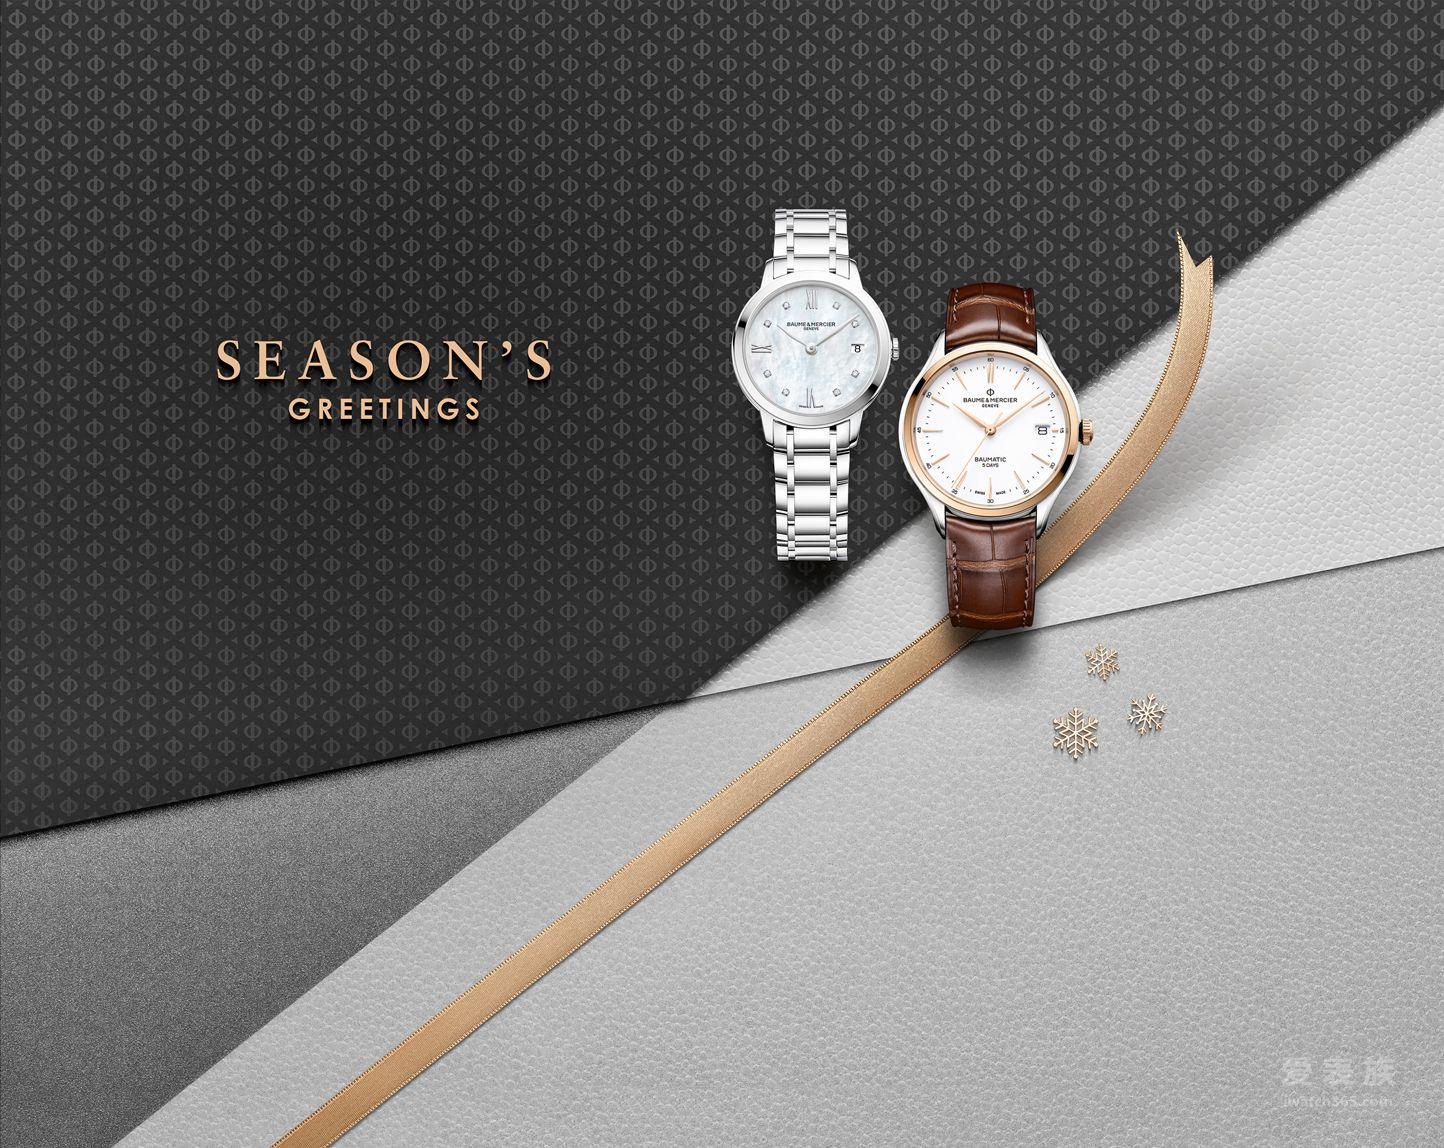 【圣诞季】名士克里顿BAUMATICTM腕表与克莱斯麦镶钻珍珠贝母表盘款